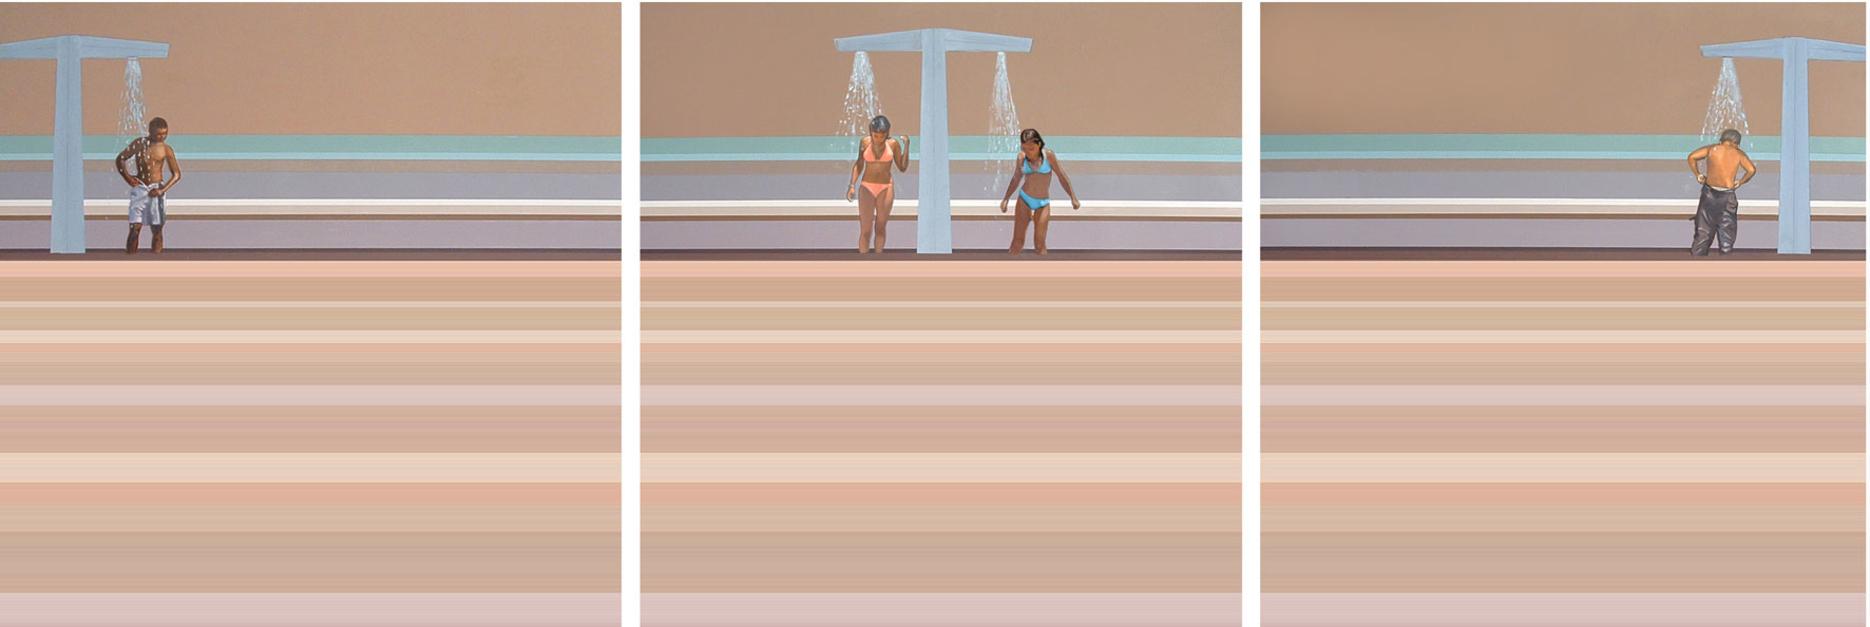 Watching Beach TV  Pintura de Aurora Rumí   Compra arte en Flecha.es